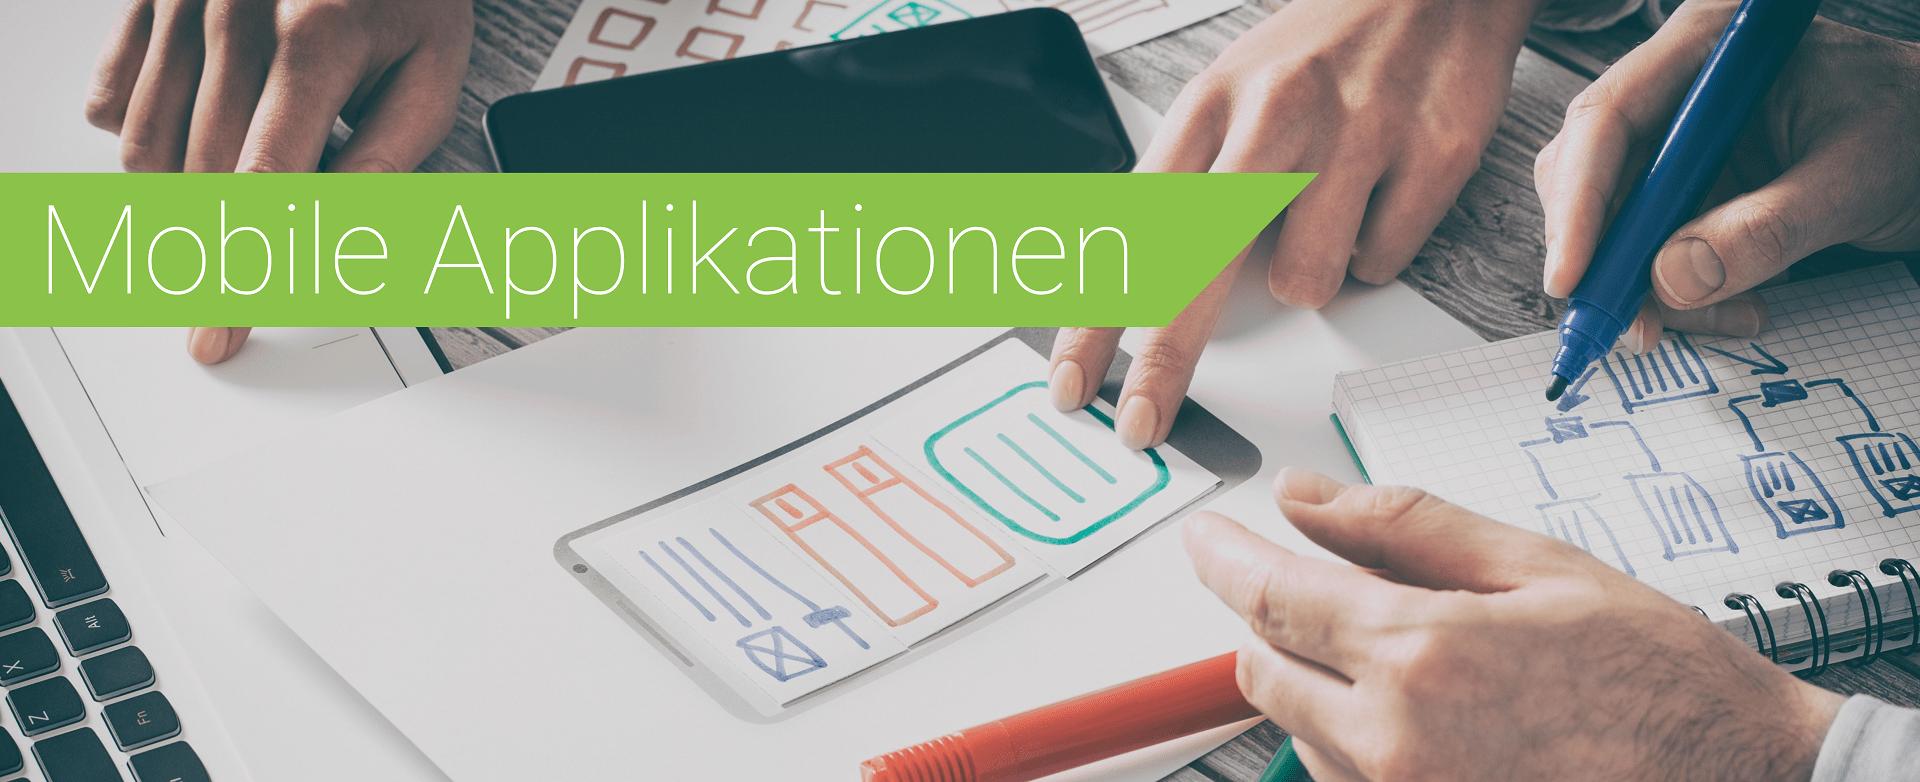 Team zeichnet Entwürfe für mobile Applikationen